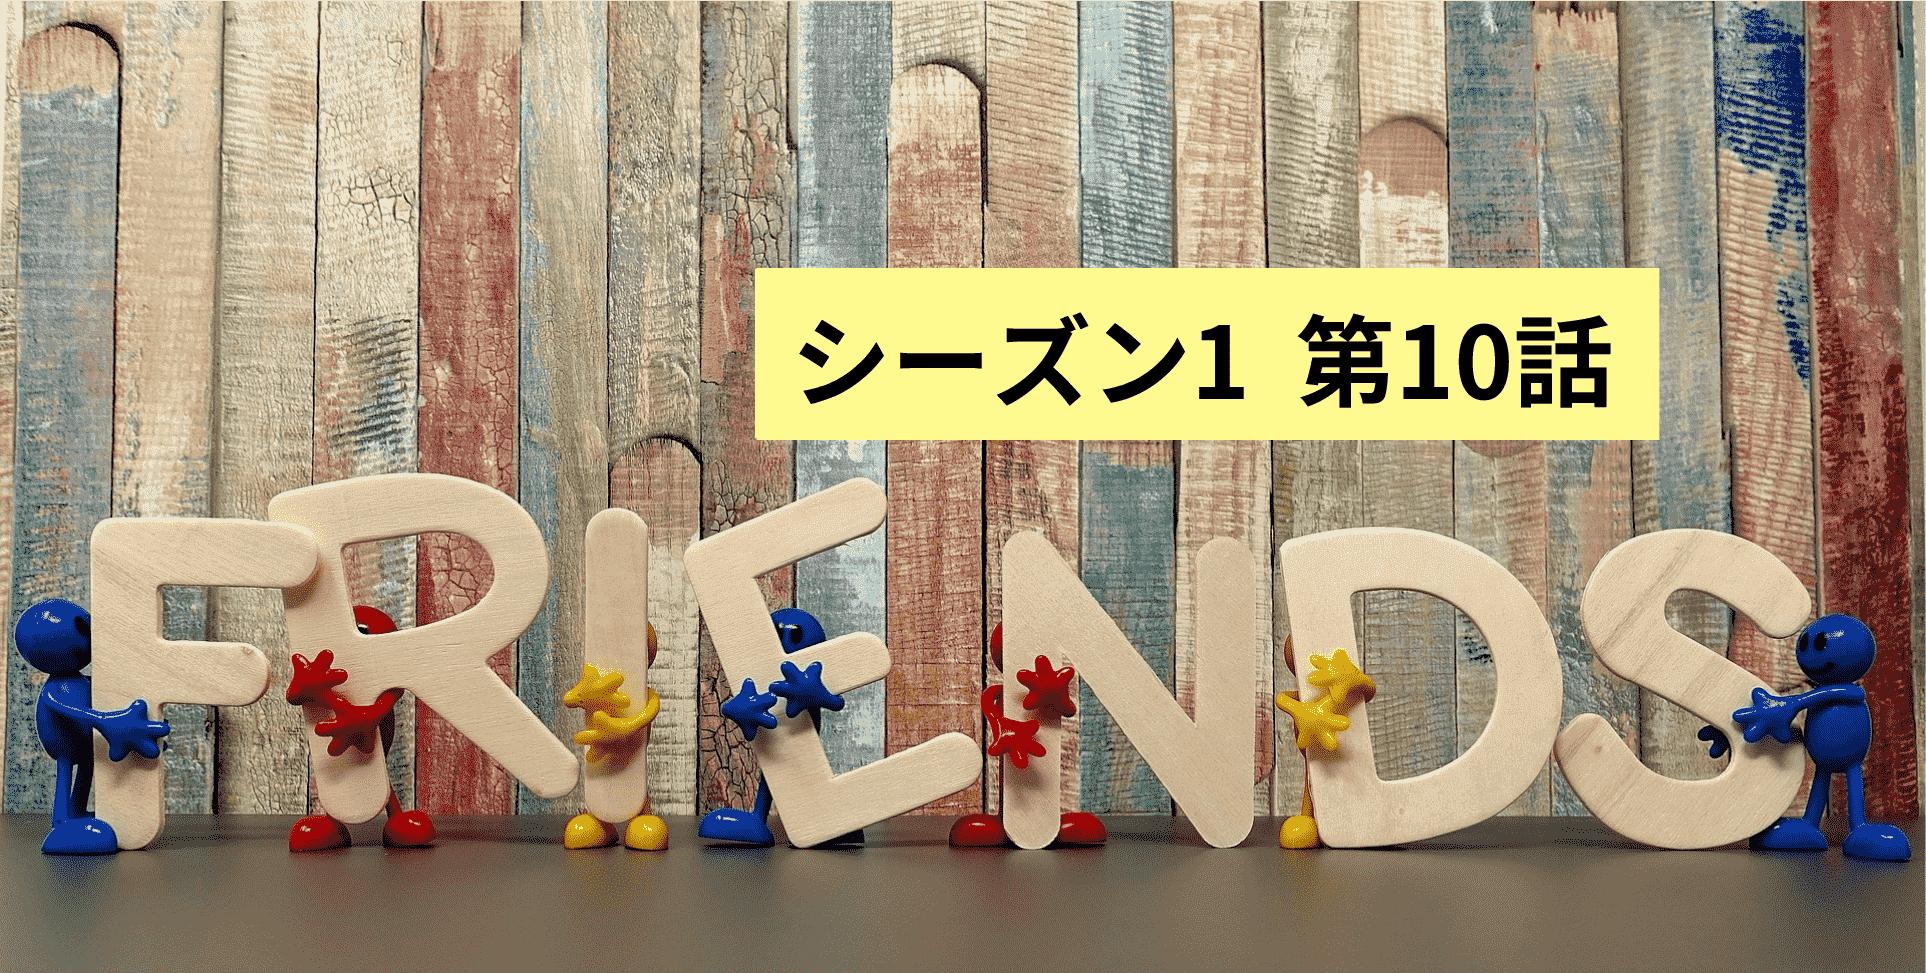 【英語でドラマフレンズ】フレンズシーズン1第10話を解説